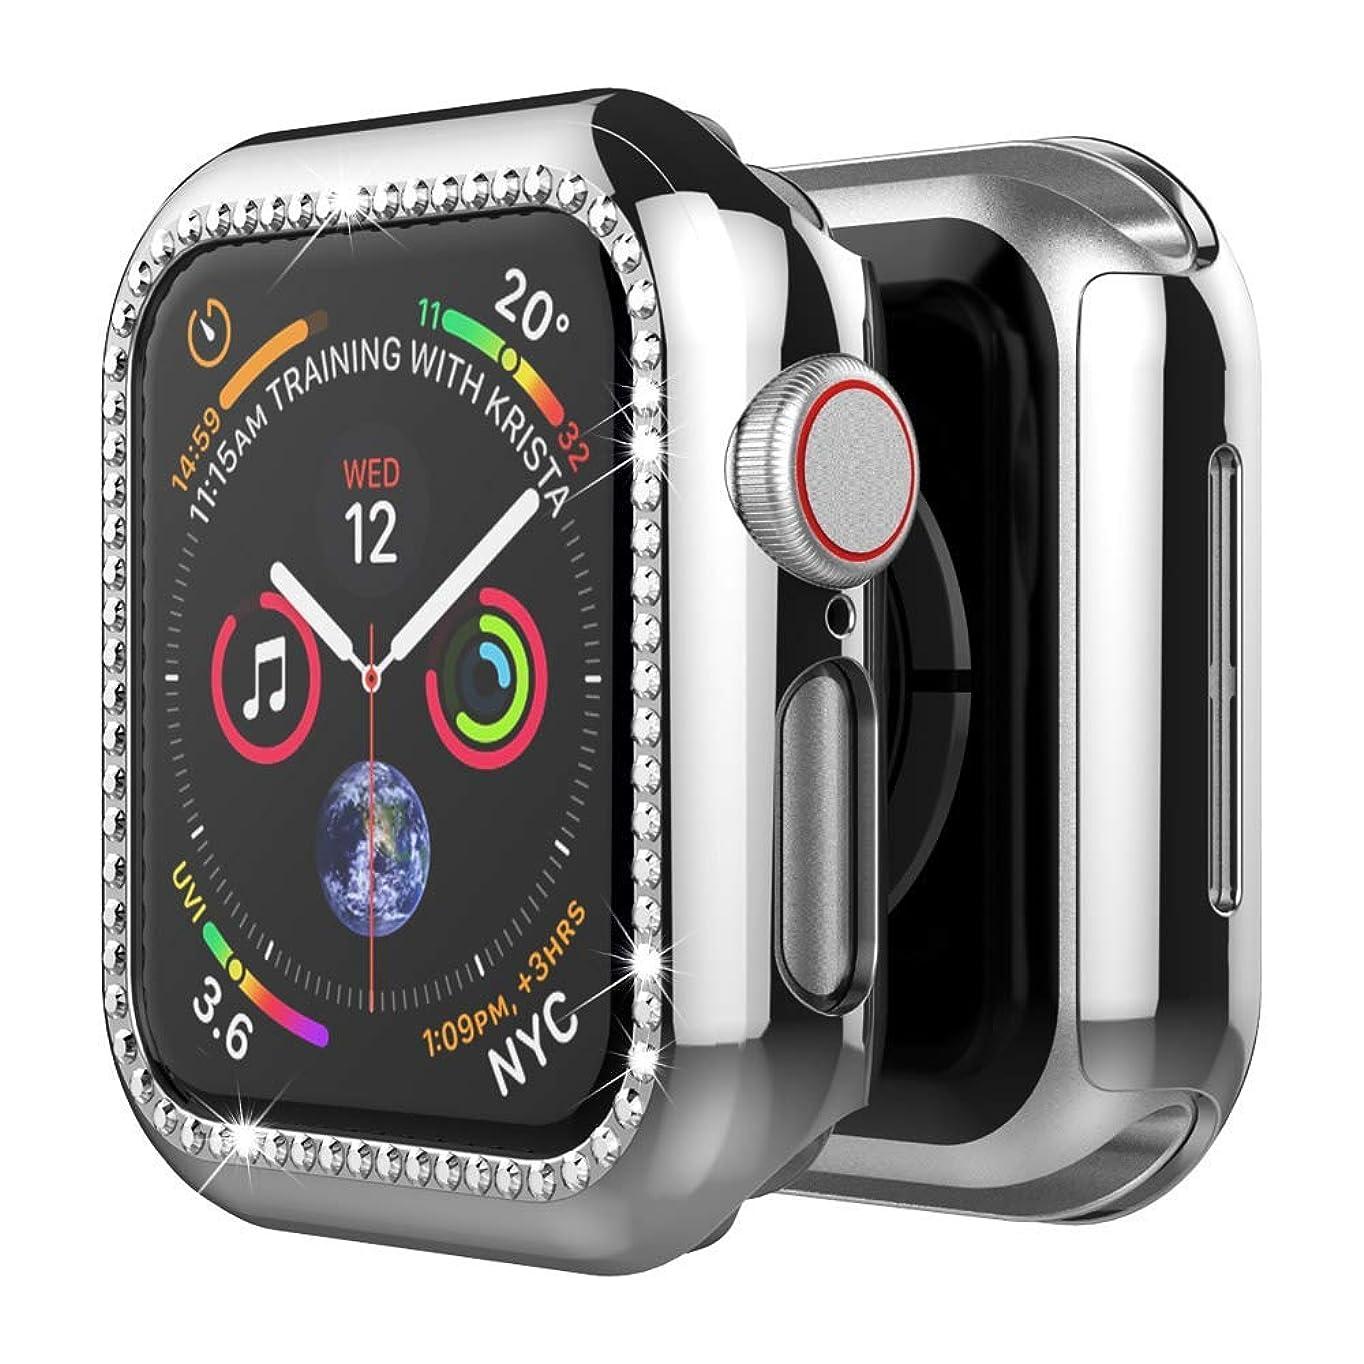 釈義長椅子ポインタApple Watch 1/2/3/4 専用ケース アップルウォッチ4 カバー ラインストーン付け 擦り傷防止 PC材料 軽量 防衝撃 アップルウォッチ 全面保護ケース(Apple Watch 1/2/3 38mm|シルバー)